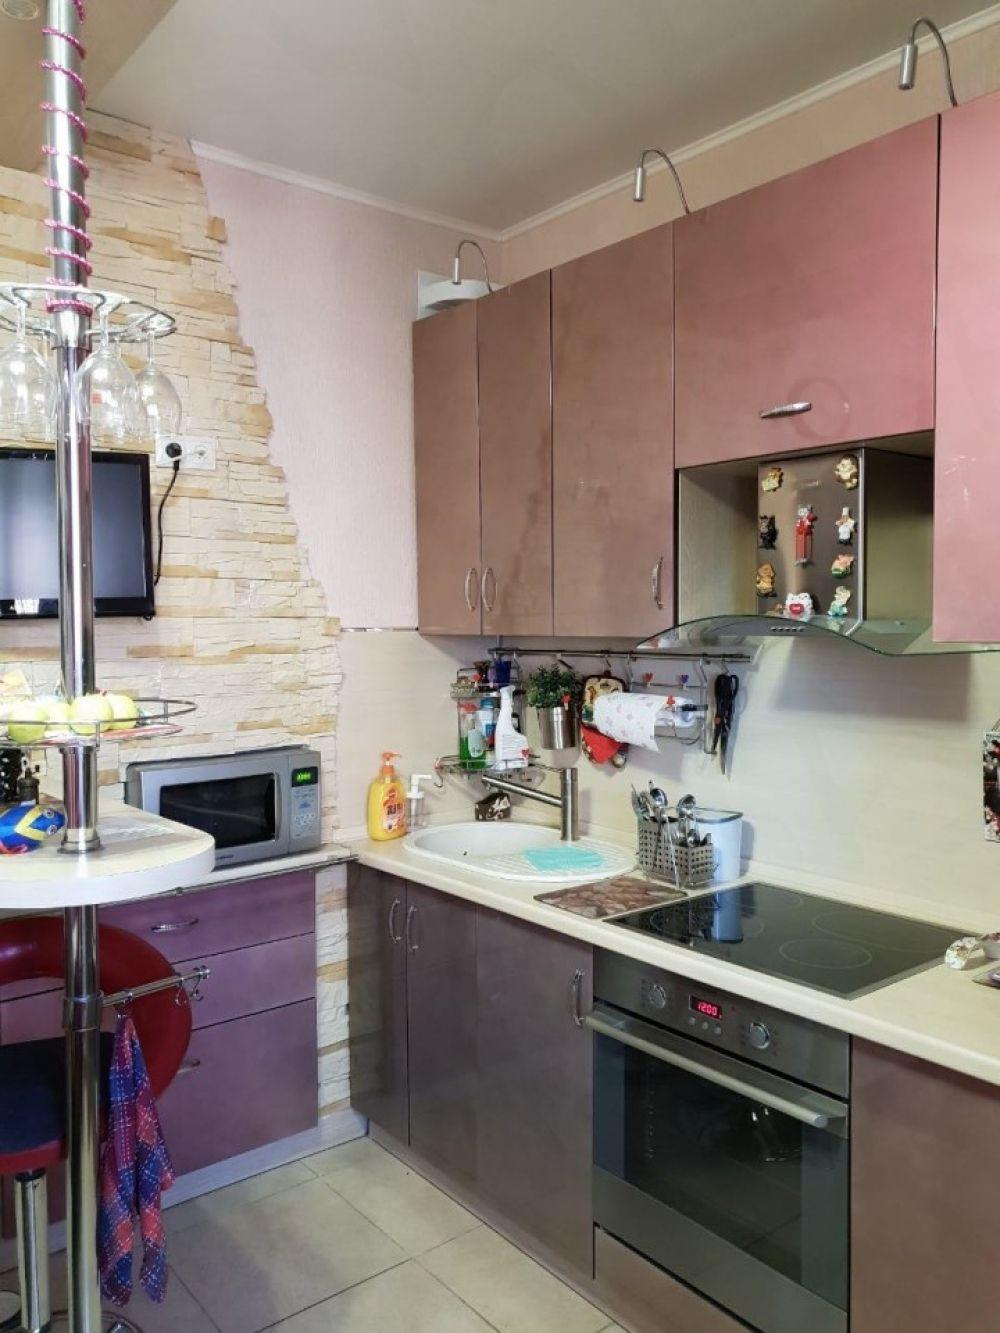 2-к квартира, Щелково, Неделина, 23, фото 1